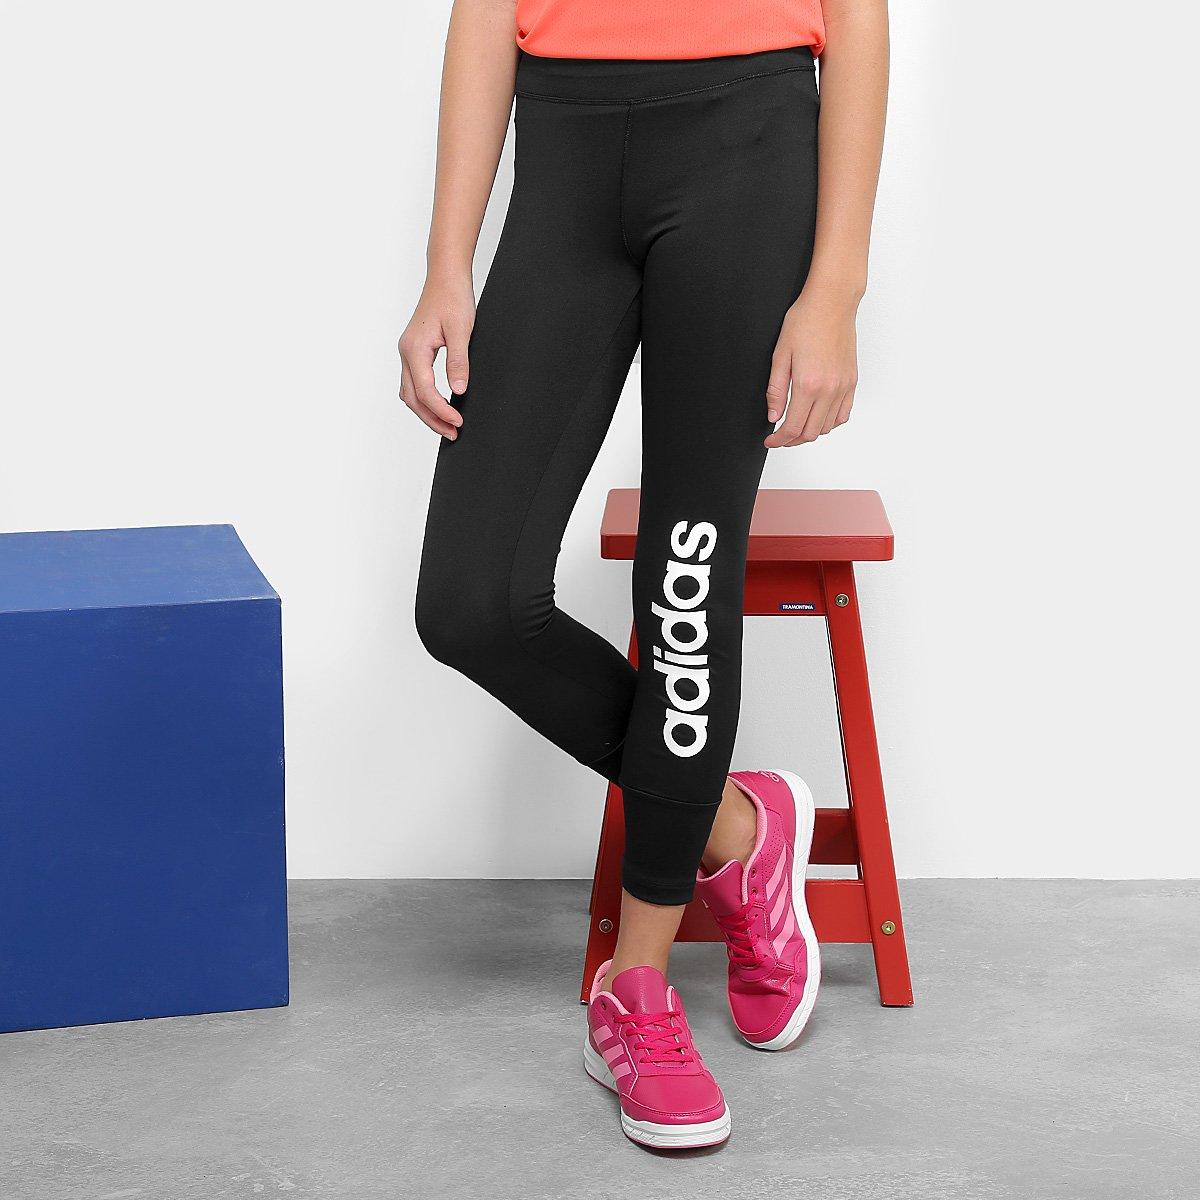 Calça Legging Infantil Adidas Yg Gu Lin Tight - Preto - Compre Agora ... f3f4387ff88